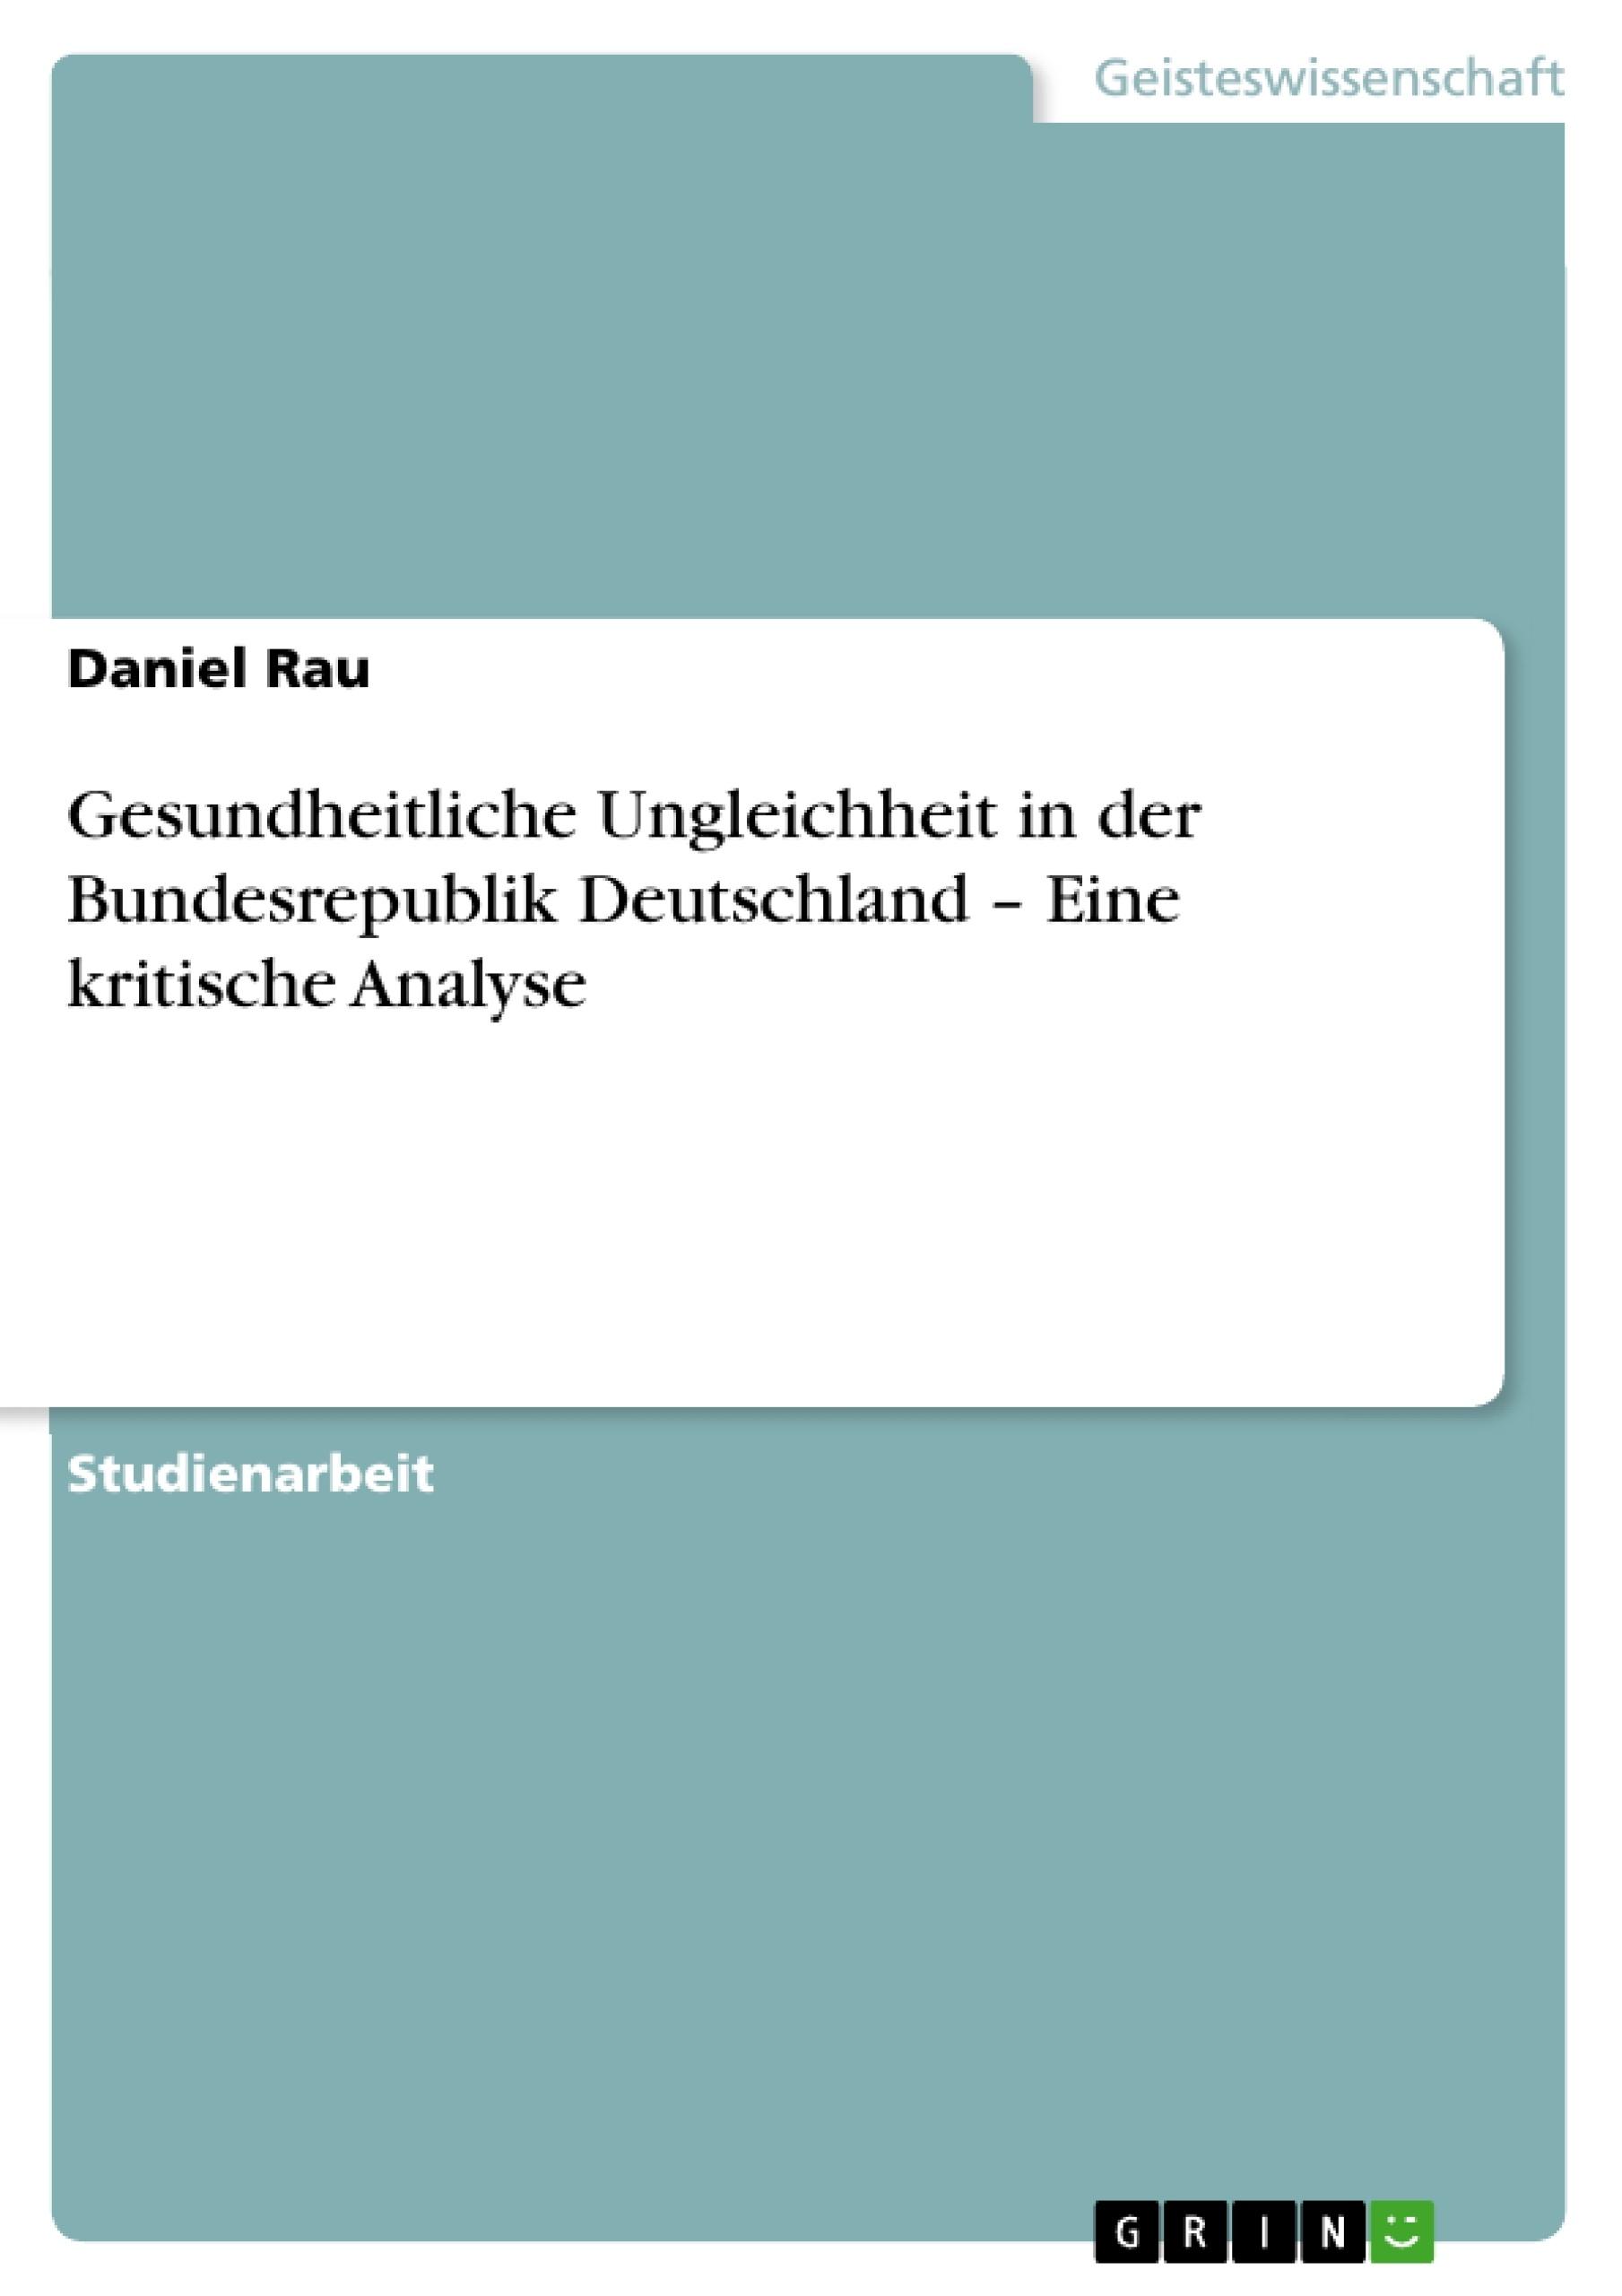 Titel: Gesundheitliche Ungleichheit in der Bundesrepublik Deutschland – Eine kritische Analyse